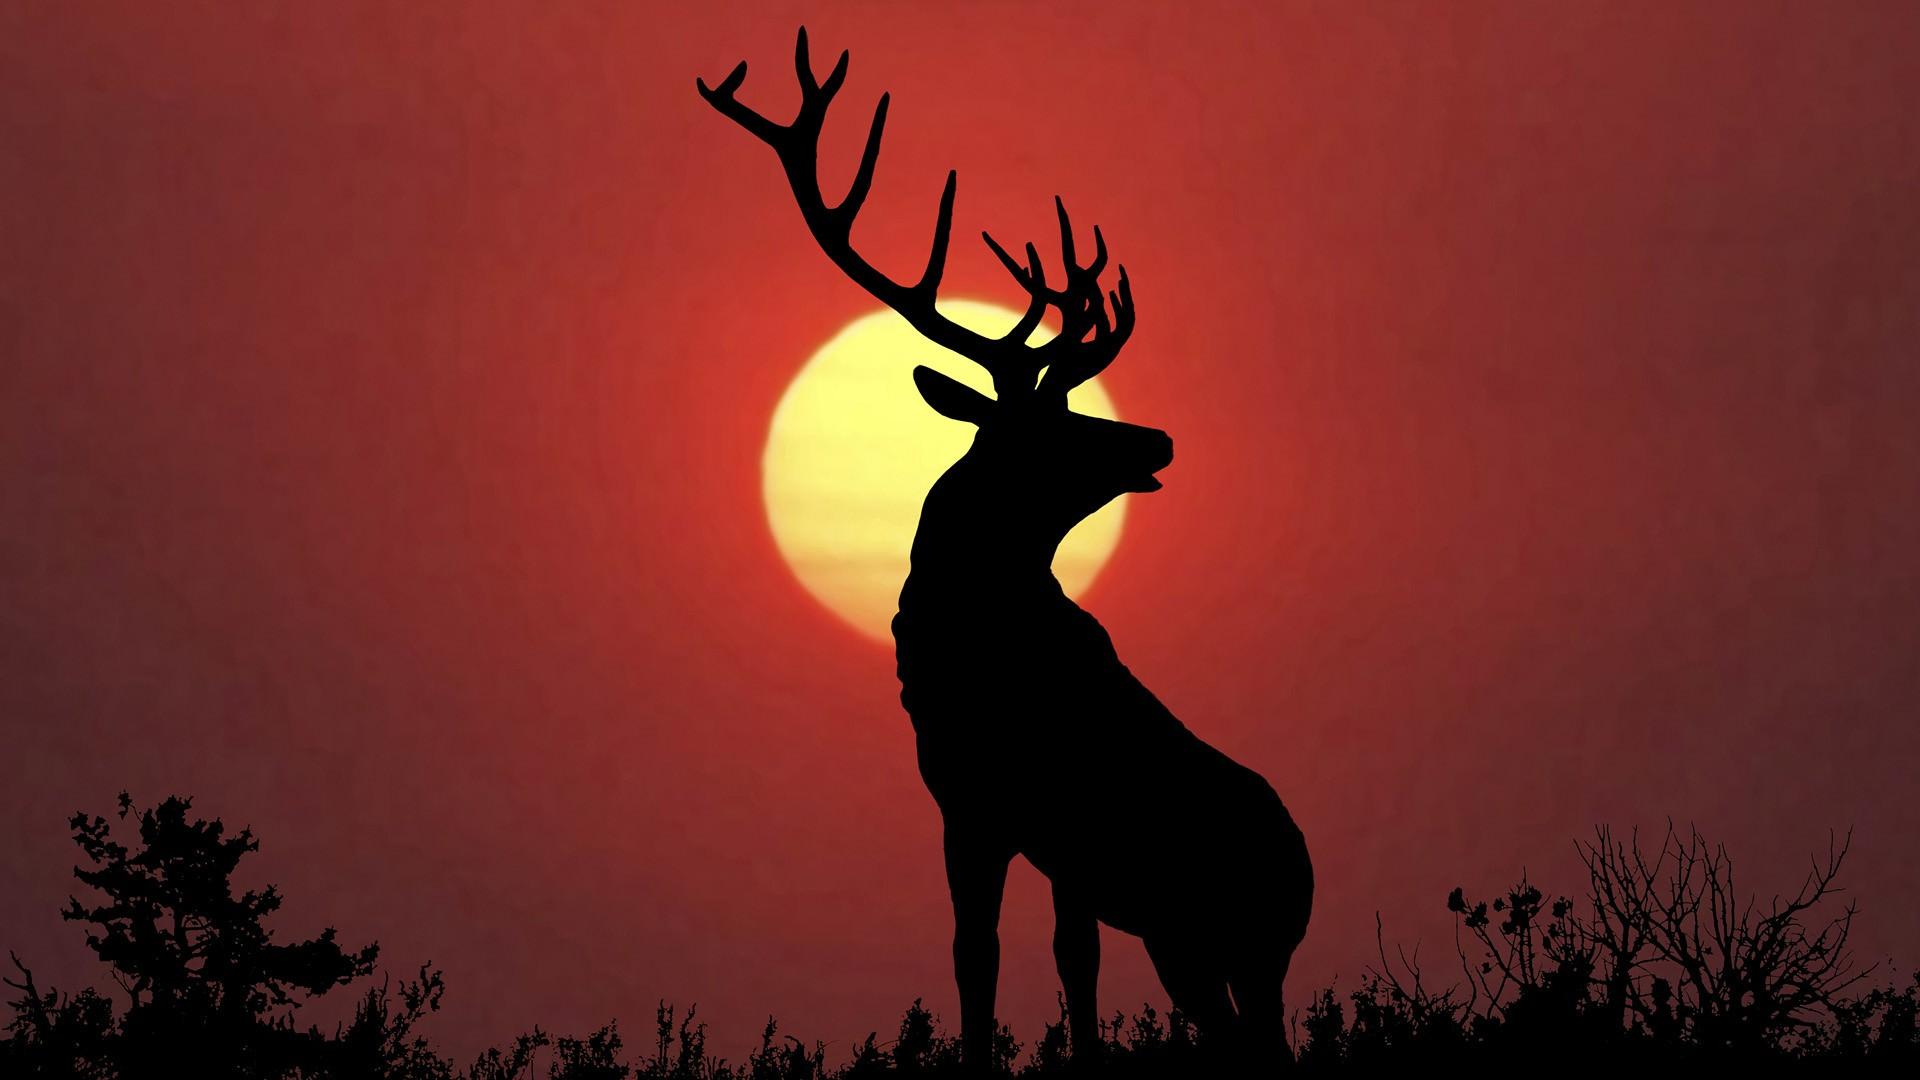 deer wallpaper iphone